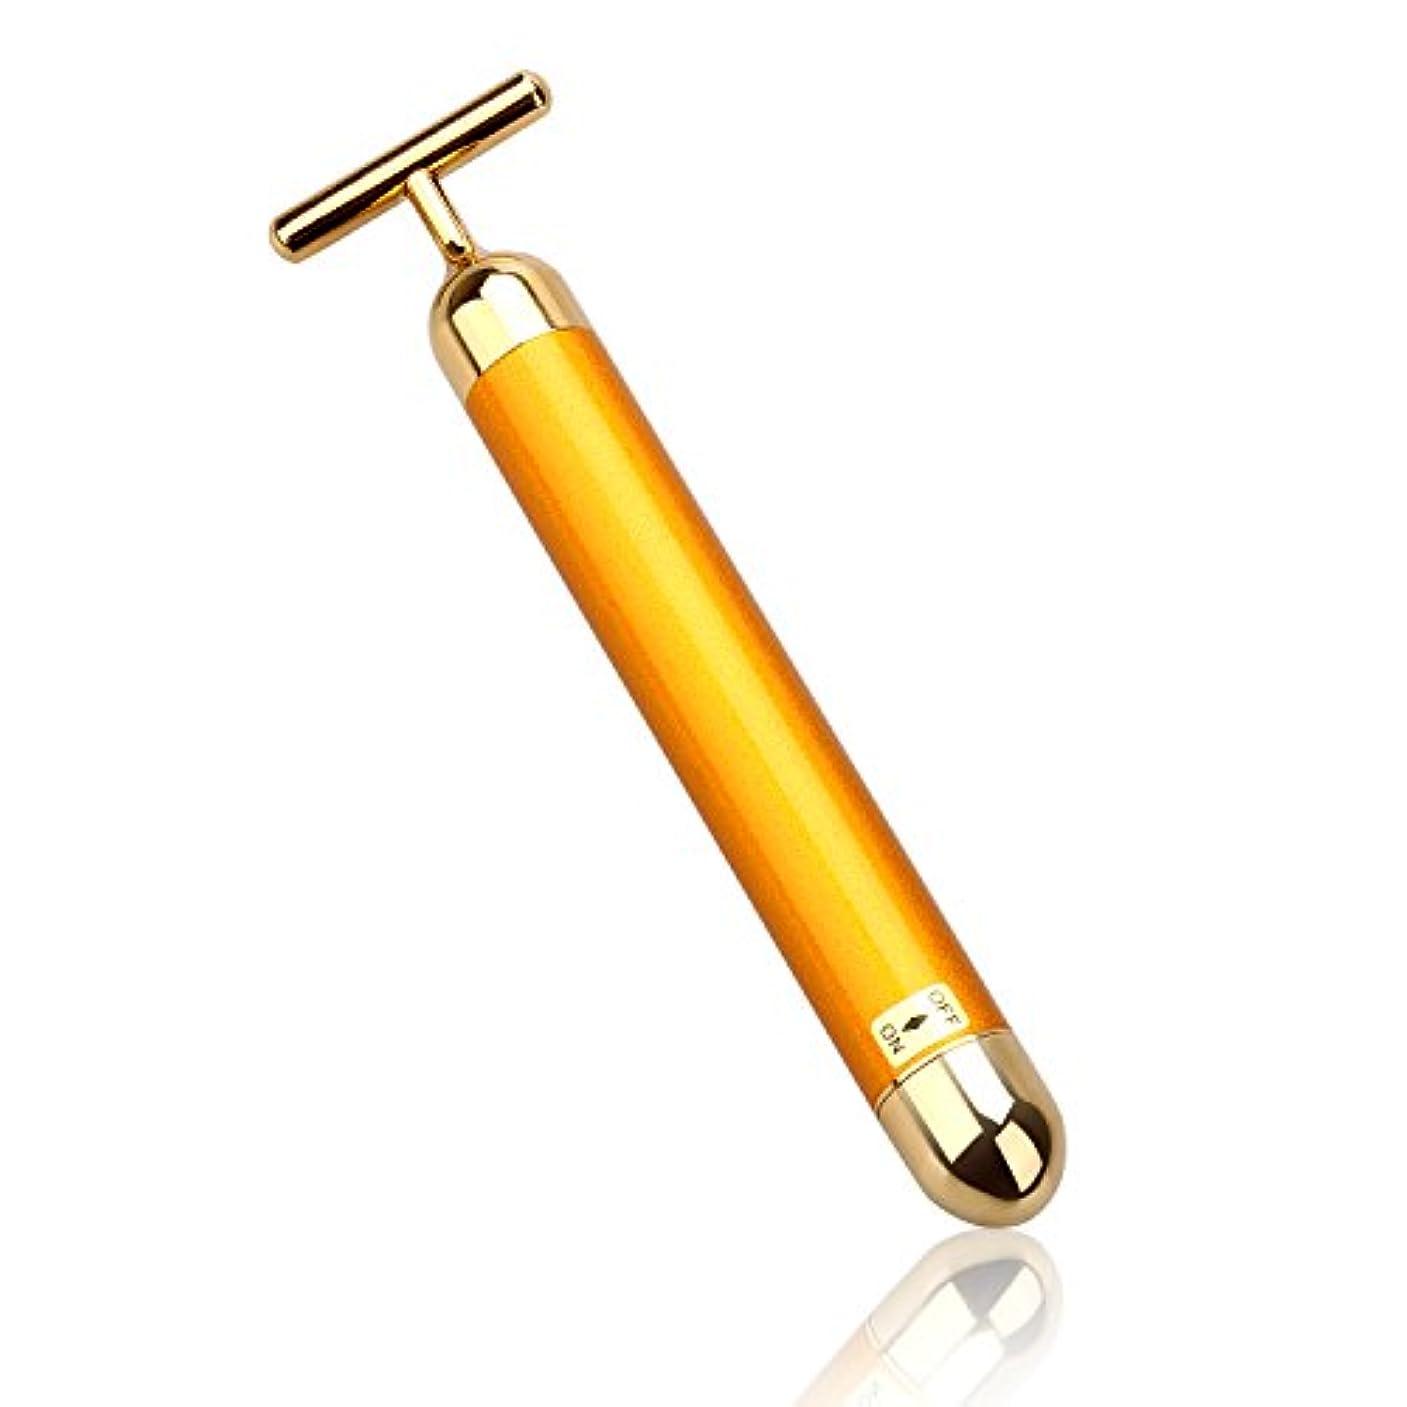 想像する愛撫ゲームLEVIN 電動美顔器 ビューティーバー フェイスパー 電動美顔器 美肌 防水 ゴールド